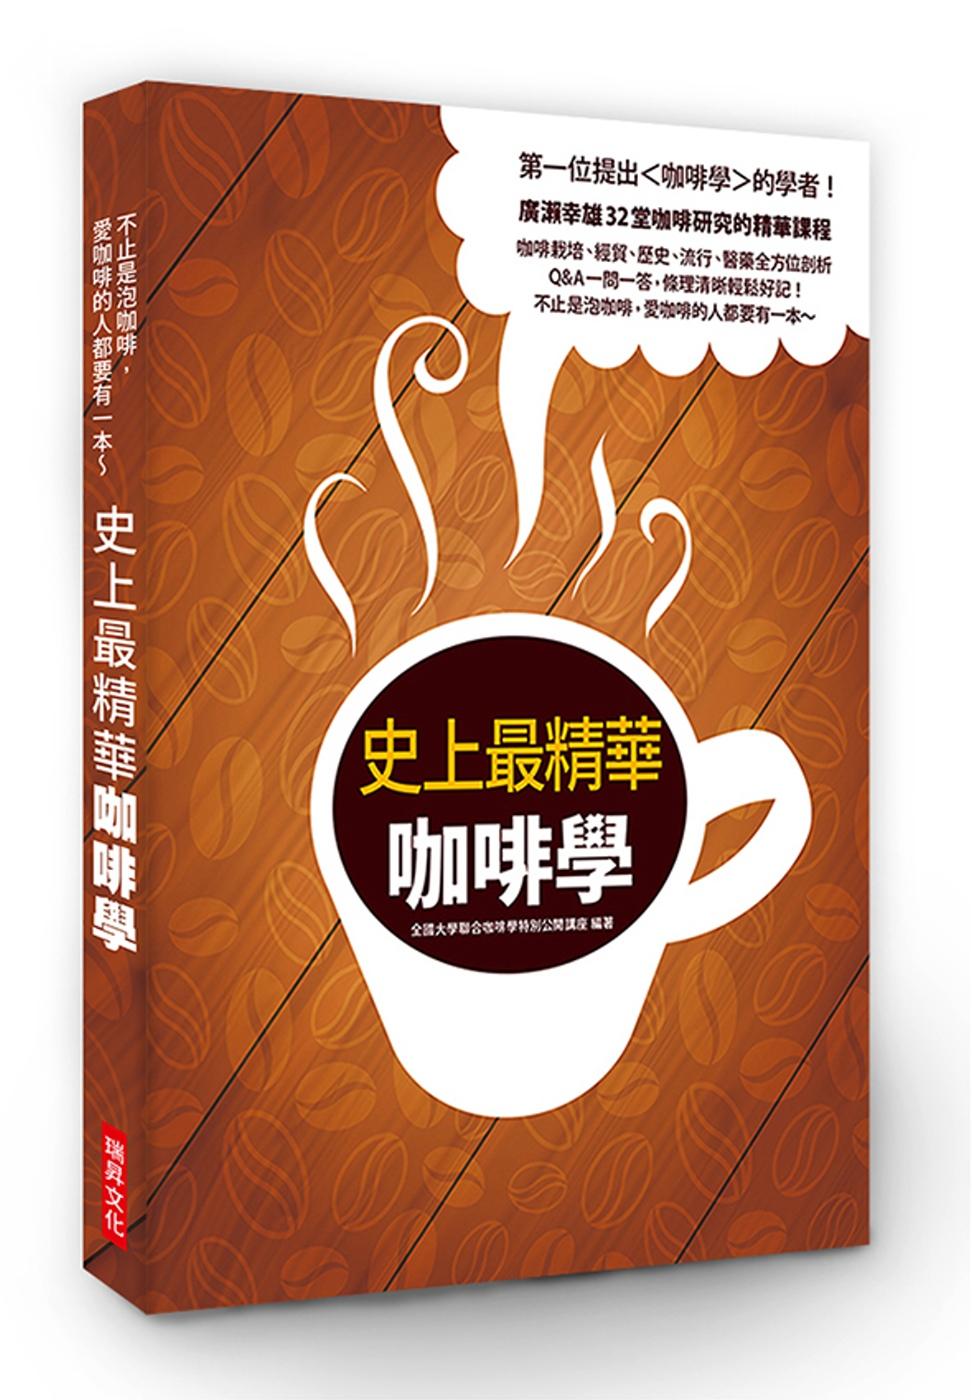 ◤博客來BOOKS◢ 暢銷書榜《推薦》史上最精華咖啡學:第一位提出<咖啡學>的學者!廣瀨幸雄32堂咖啡研究的精華課程,咖啡栽培、 經貿、 歷史、 流行、 醫藥全方位剖析